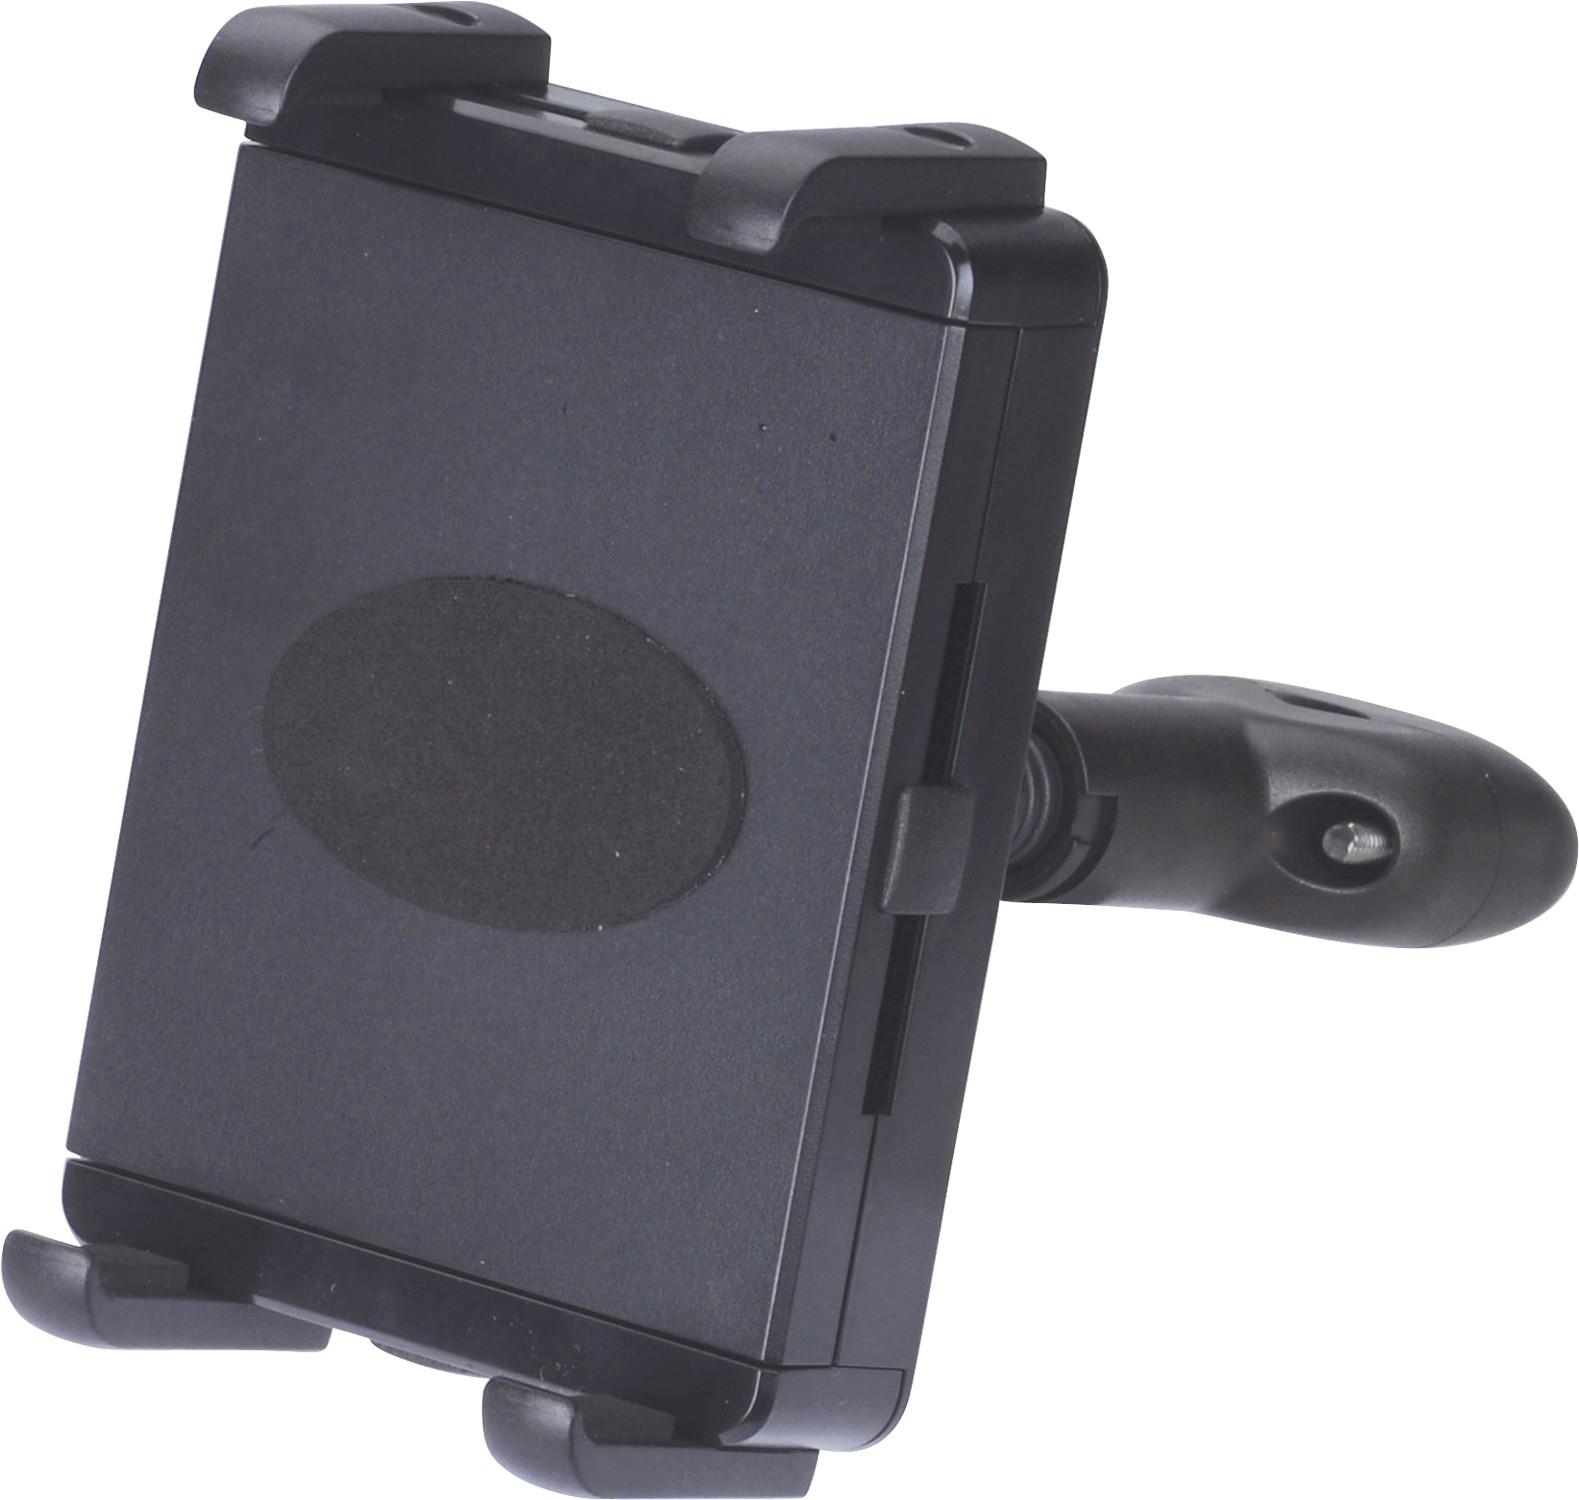 HR i-Motion Universele tablethouder 105-240mm met hoofdsteun